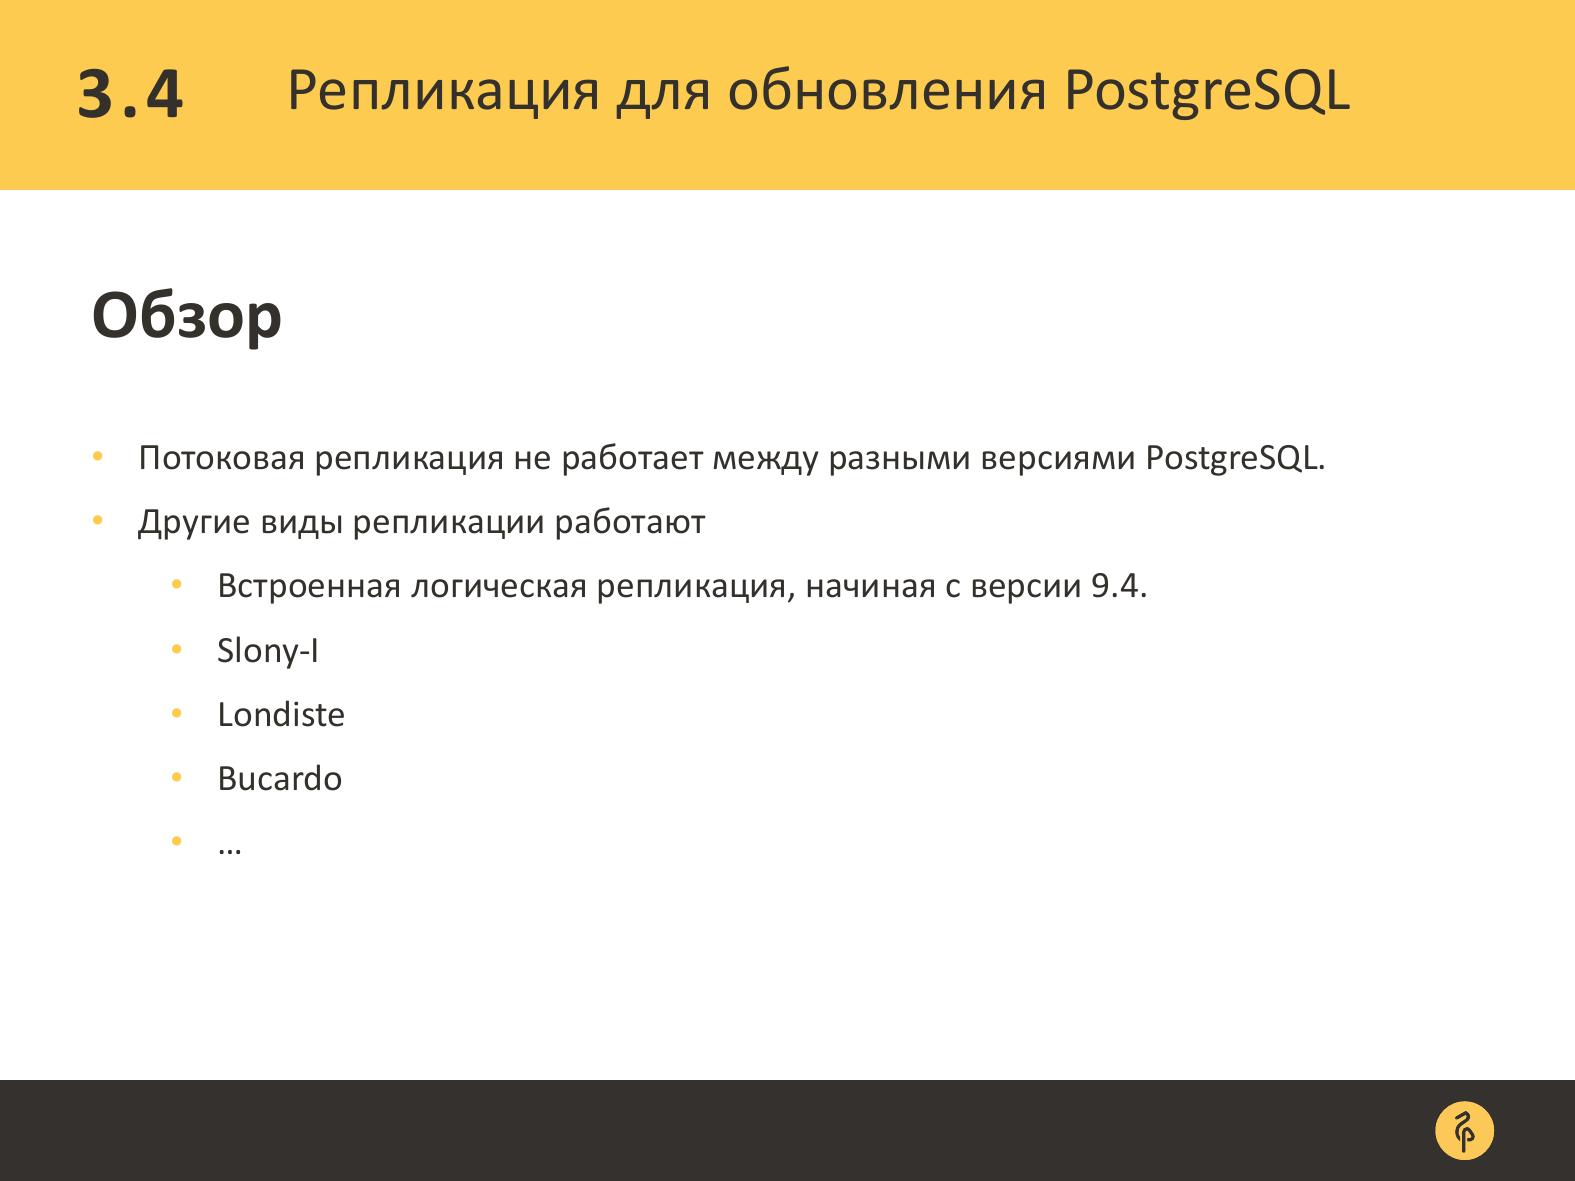 Практика обновления версий PostgreSQL. Андрей Сальников - 24